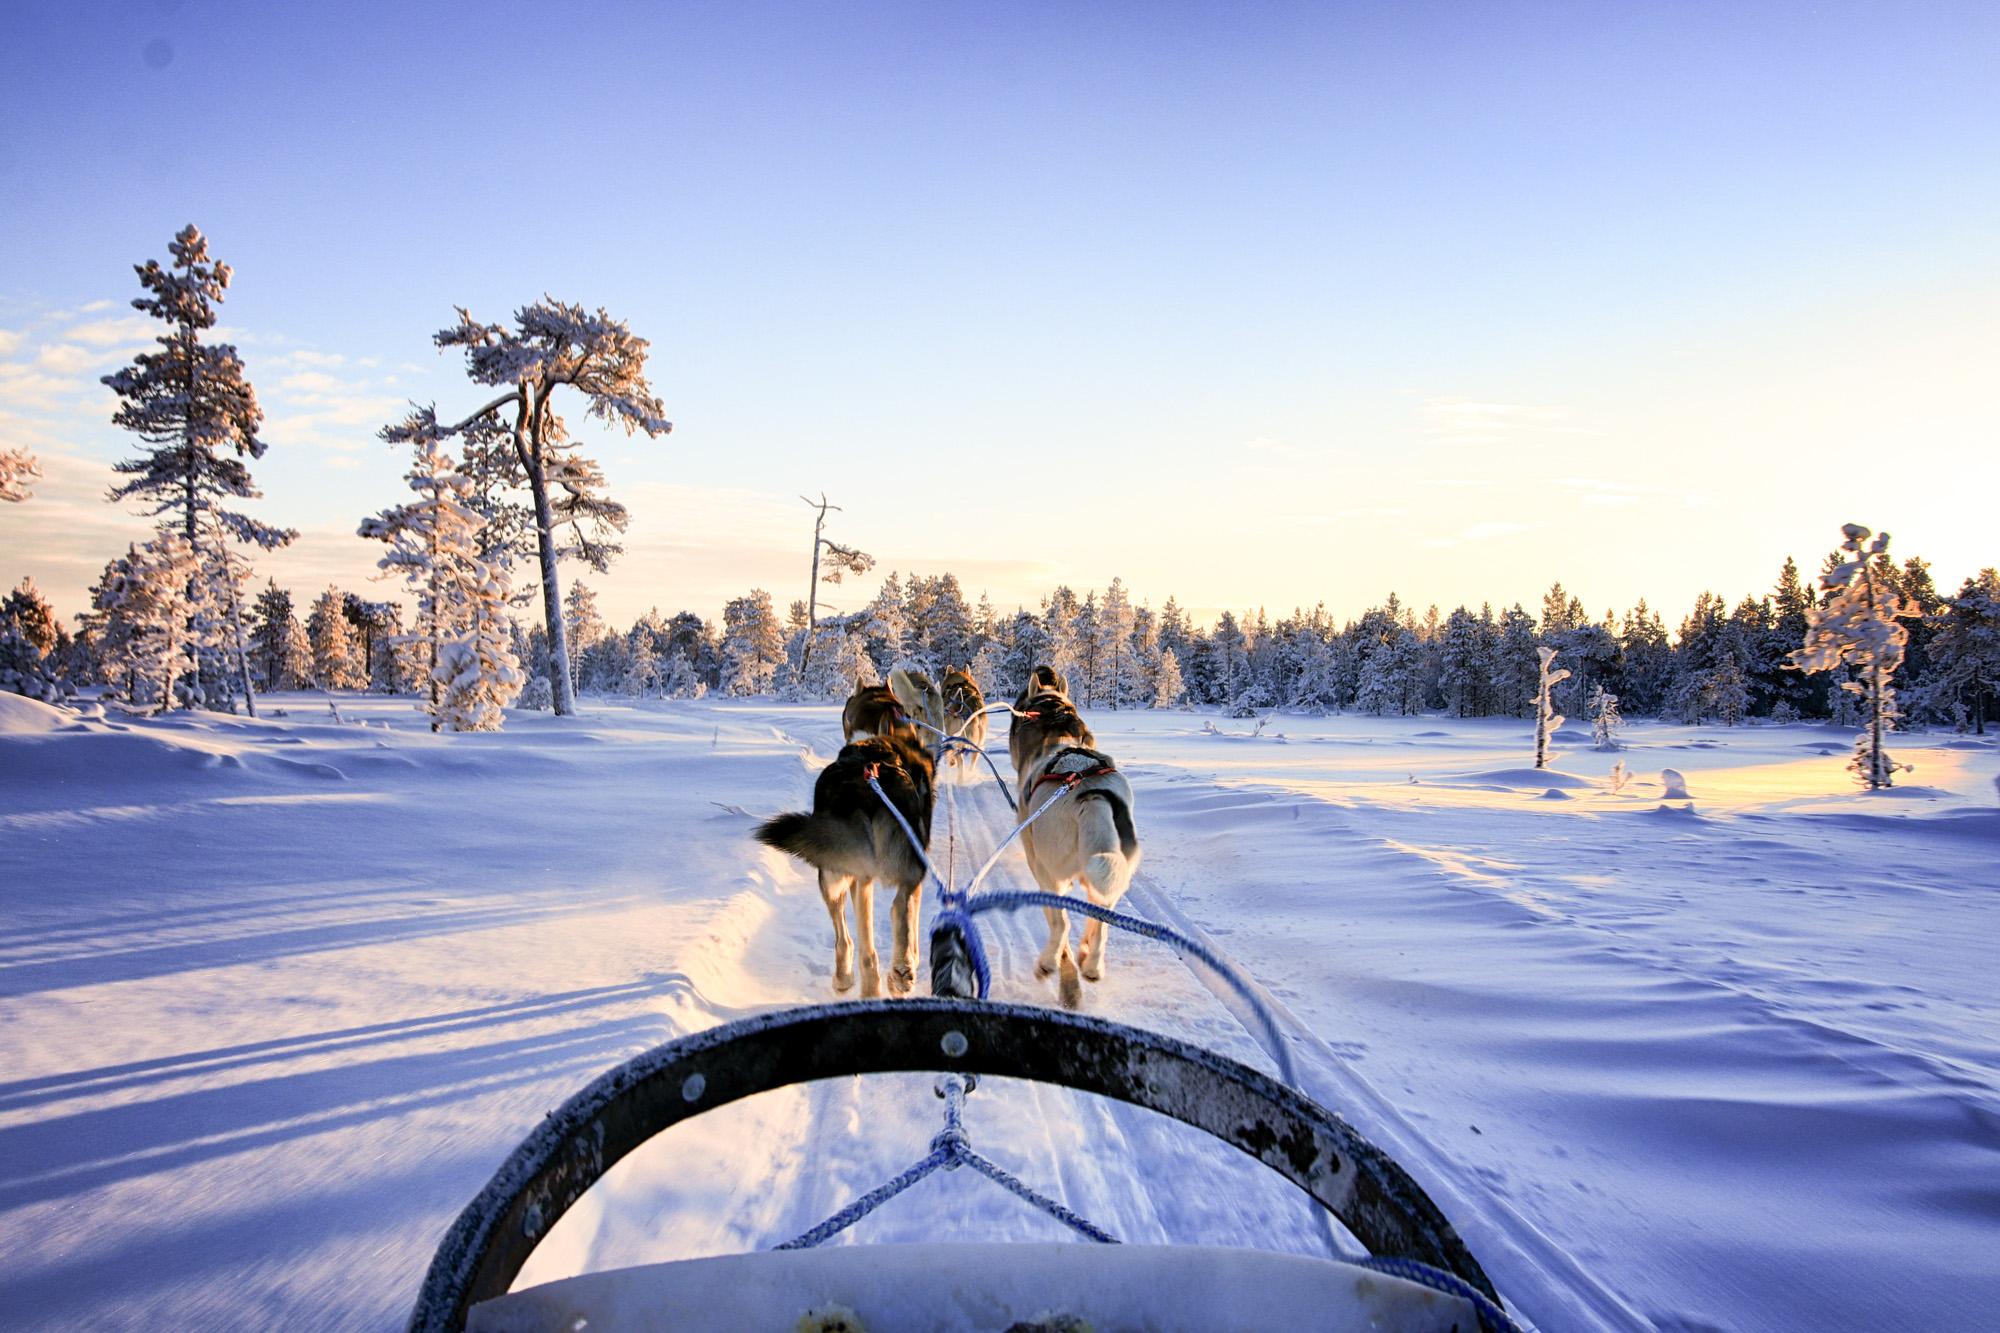 À l'occasion de la sortie le 13 mars d'« Aïlo, une Odyssée en Laponie », un film qui retrace, à mi-chemin entre conte et documentaire, la première année d'un petit renne, nous vous emmenons en Laponie finlandaise pour un voyage exceptionnel. Atmosphère hivernale féérique, balades en traîneau à chiens... et rencontre avec Aïlo lui-même !